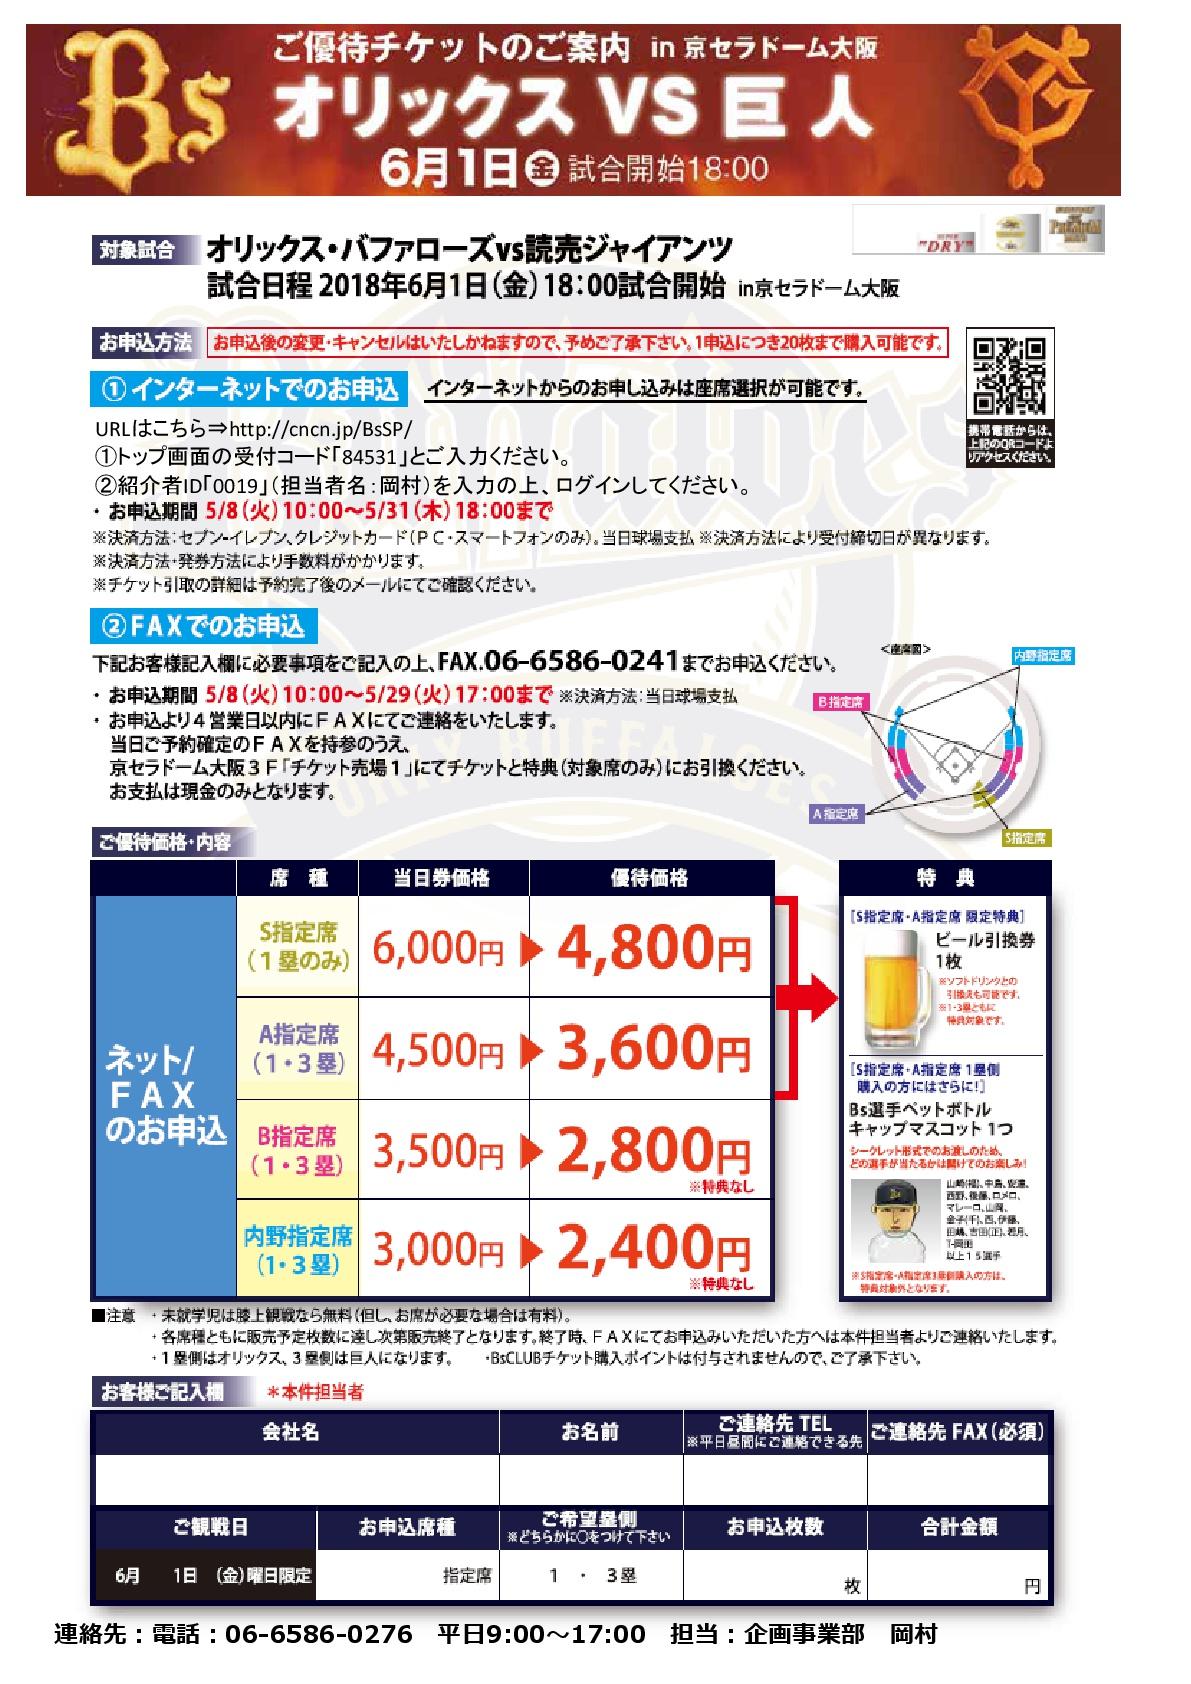 交流戦6月1日G優待案内用紙-001